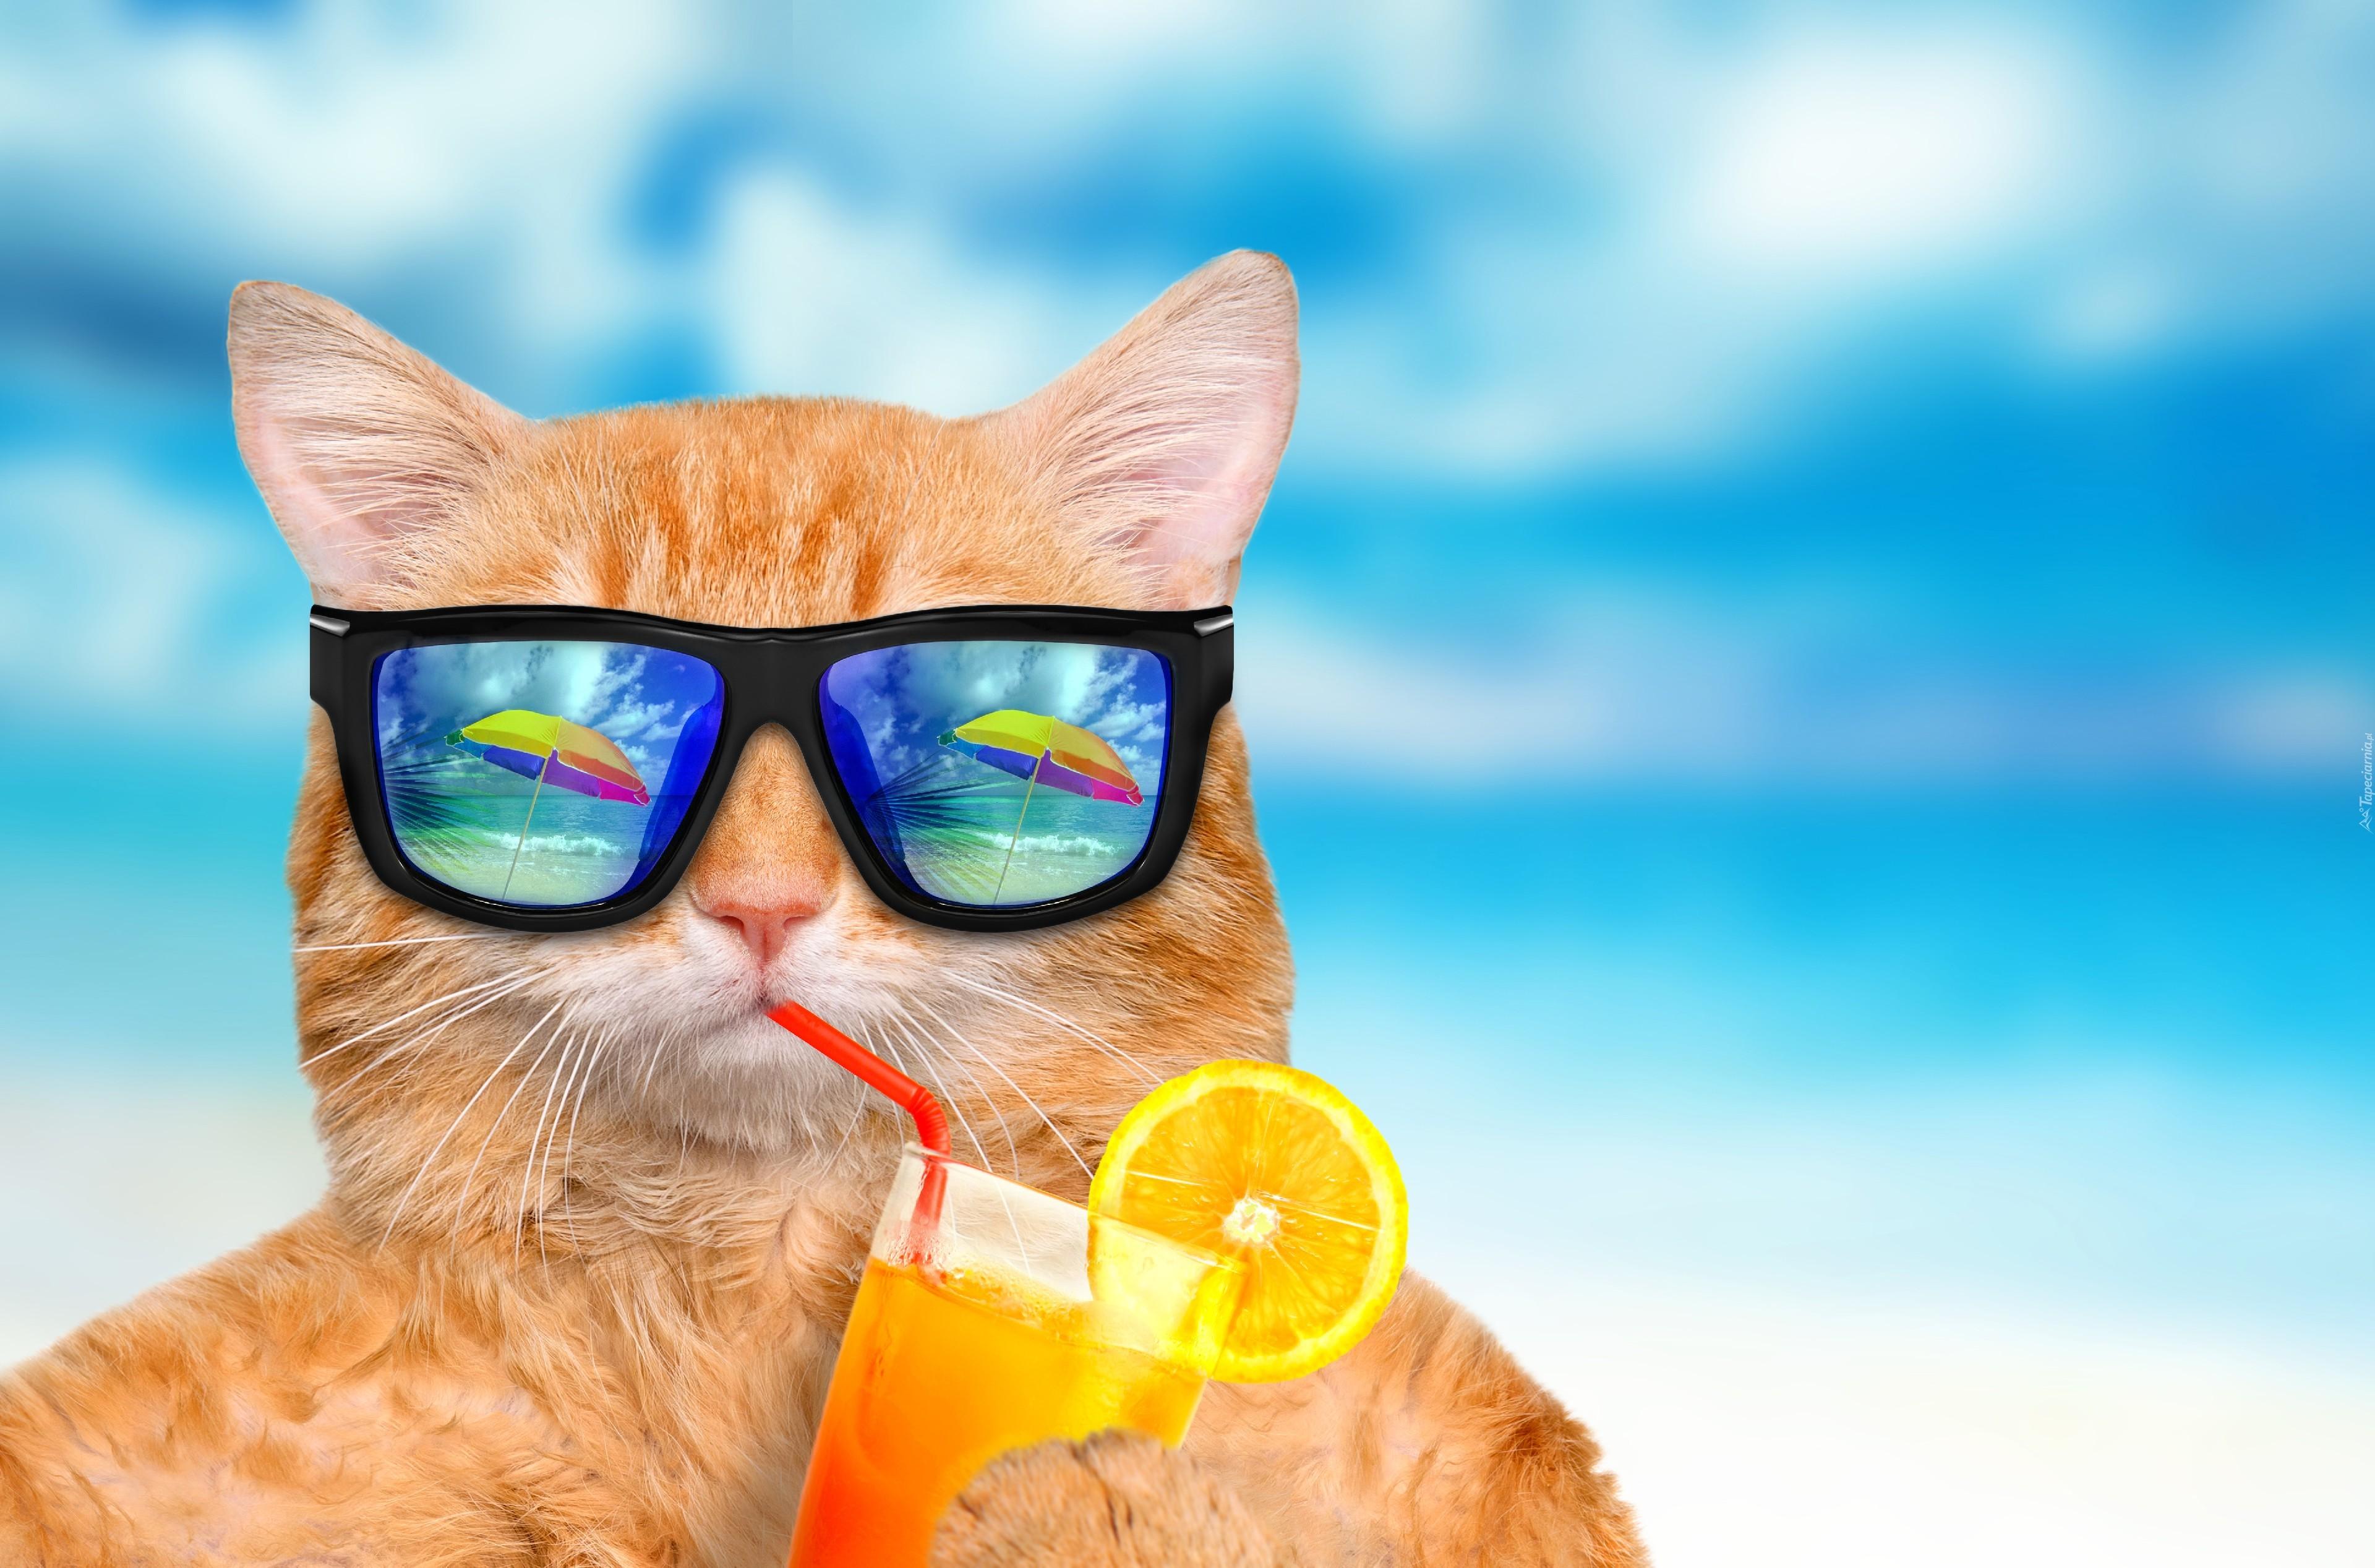 Rudy Kot W Okularach Przeciwsłonecznych Pije Sok Pomarańczowy